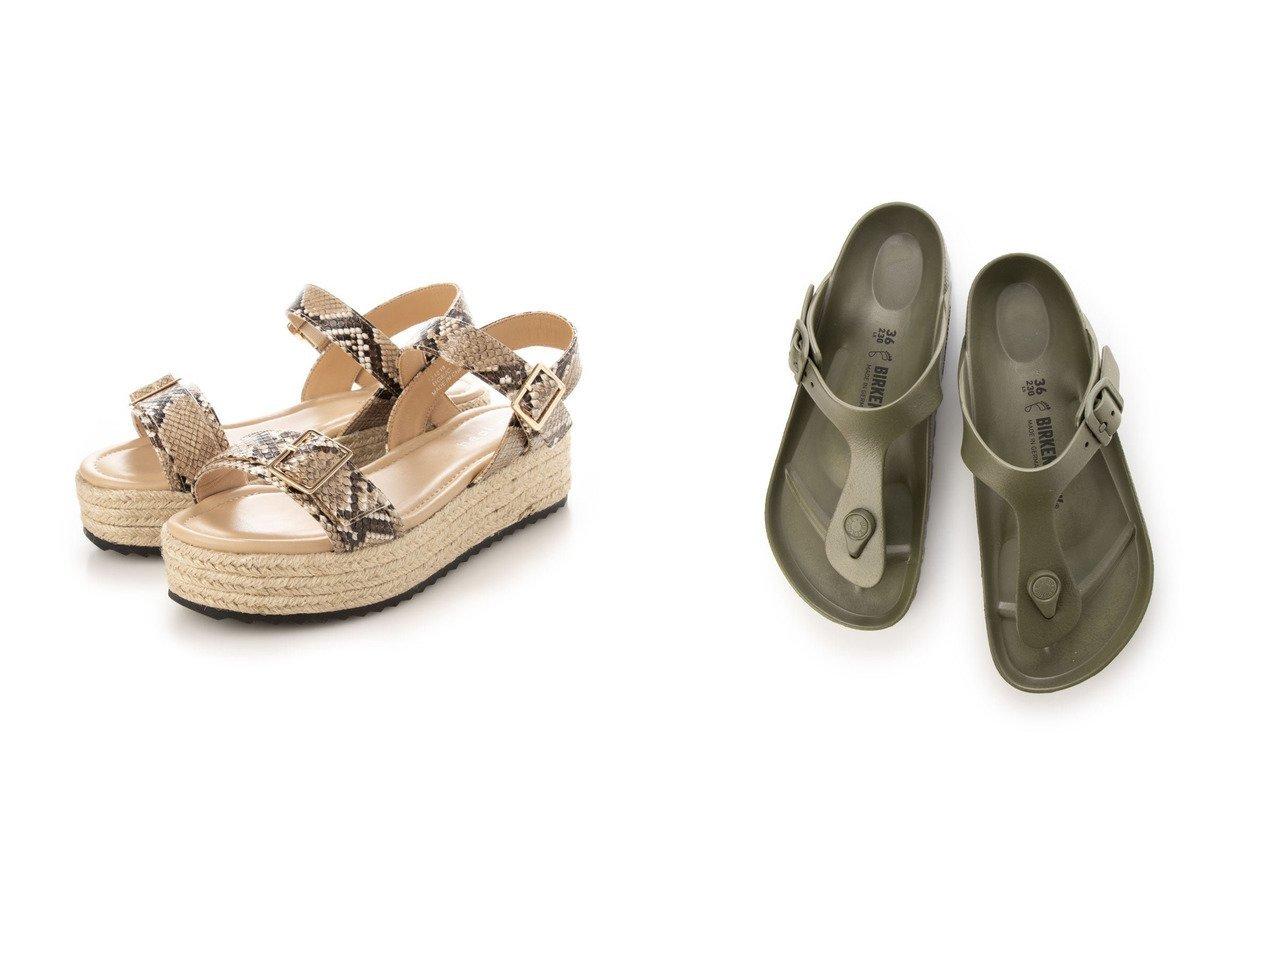 【BIRKENSTOCK/ビルケンシュトック】のGIZEH EVA&【HEAL ME/ヒールミー】の221218 おすすめ!人気、トレンド・レディースファッションの通販 おすすめで人気の流行・トレンド、ファッションの通販商品 インテリア・家具・メンズファッション・キッズファッション・レディースファッション・服の通販 founy(ファニー) https://founy.com/ ファッション Fashion レディースファッション WOMEN 2021年 2021 2021春夏・S/S SS/Spring/Summer/2021 S/S・春夏 SS・Spring/Summer 春 Spring 軽量  ID:crp329100000044387